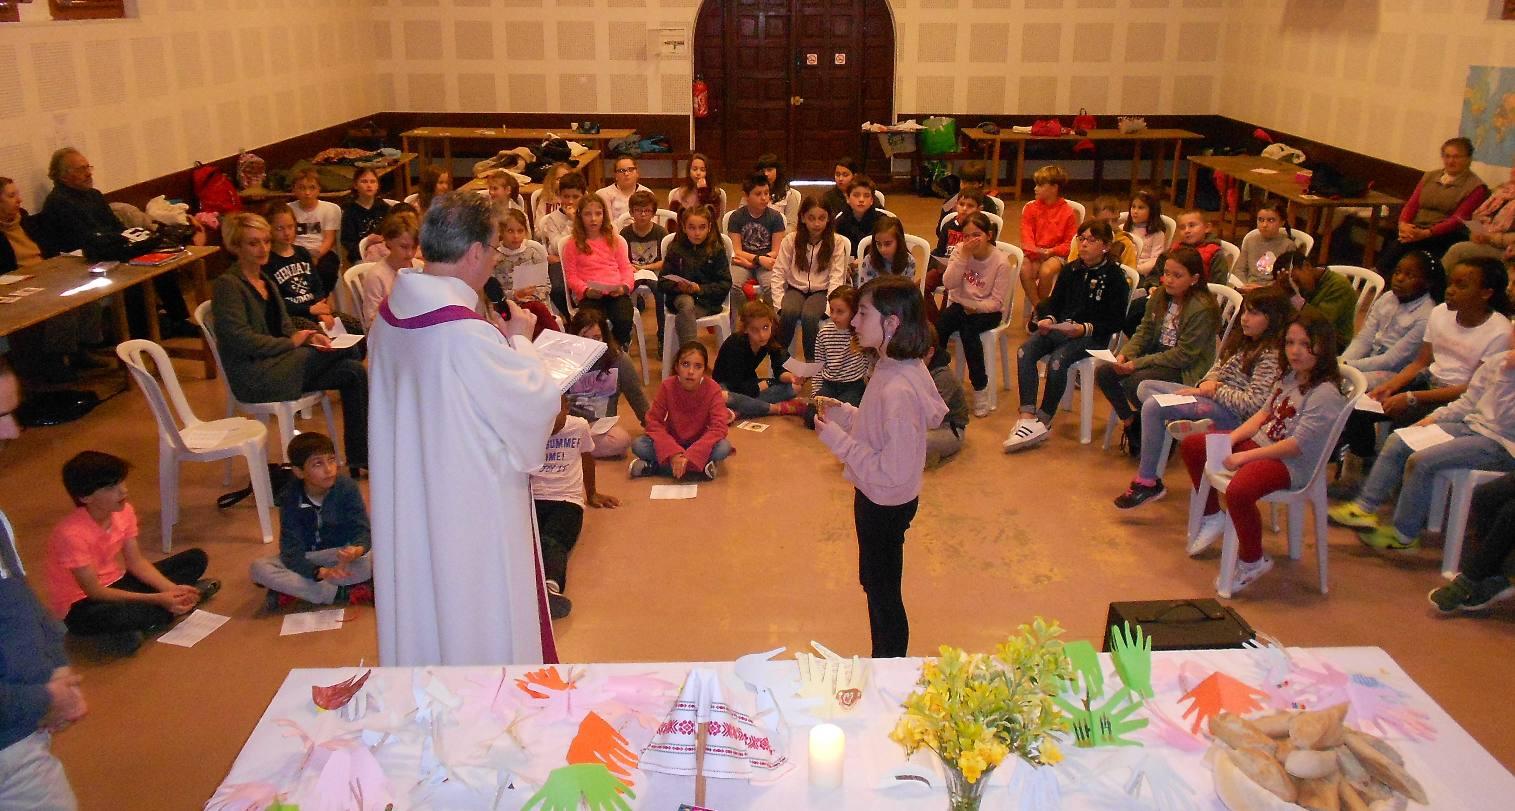 Magnifique Journée des «KM de Soleil» - initiation à la solidarité – et 2e étape vers le baptême pour Lily